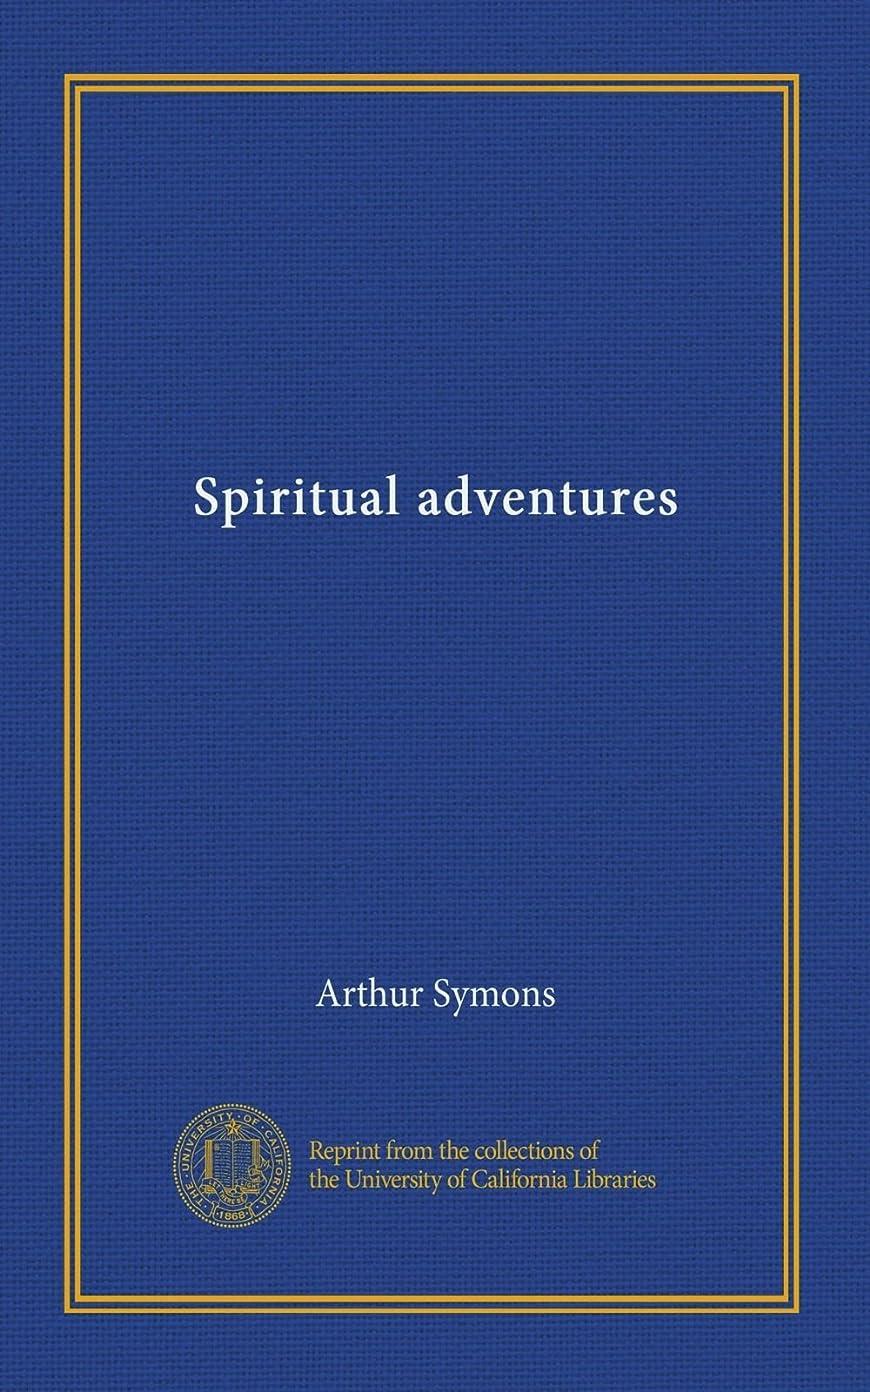 Spiritual adventures